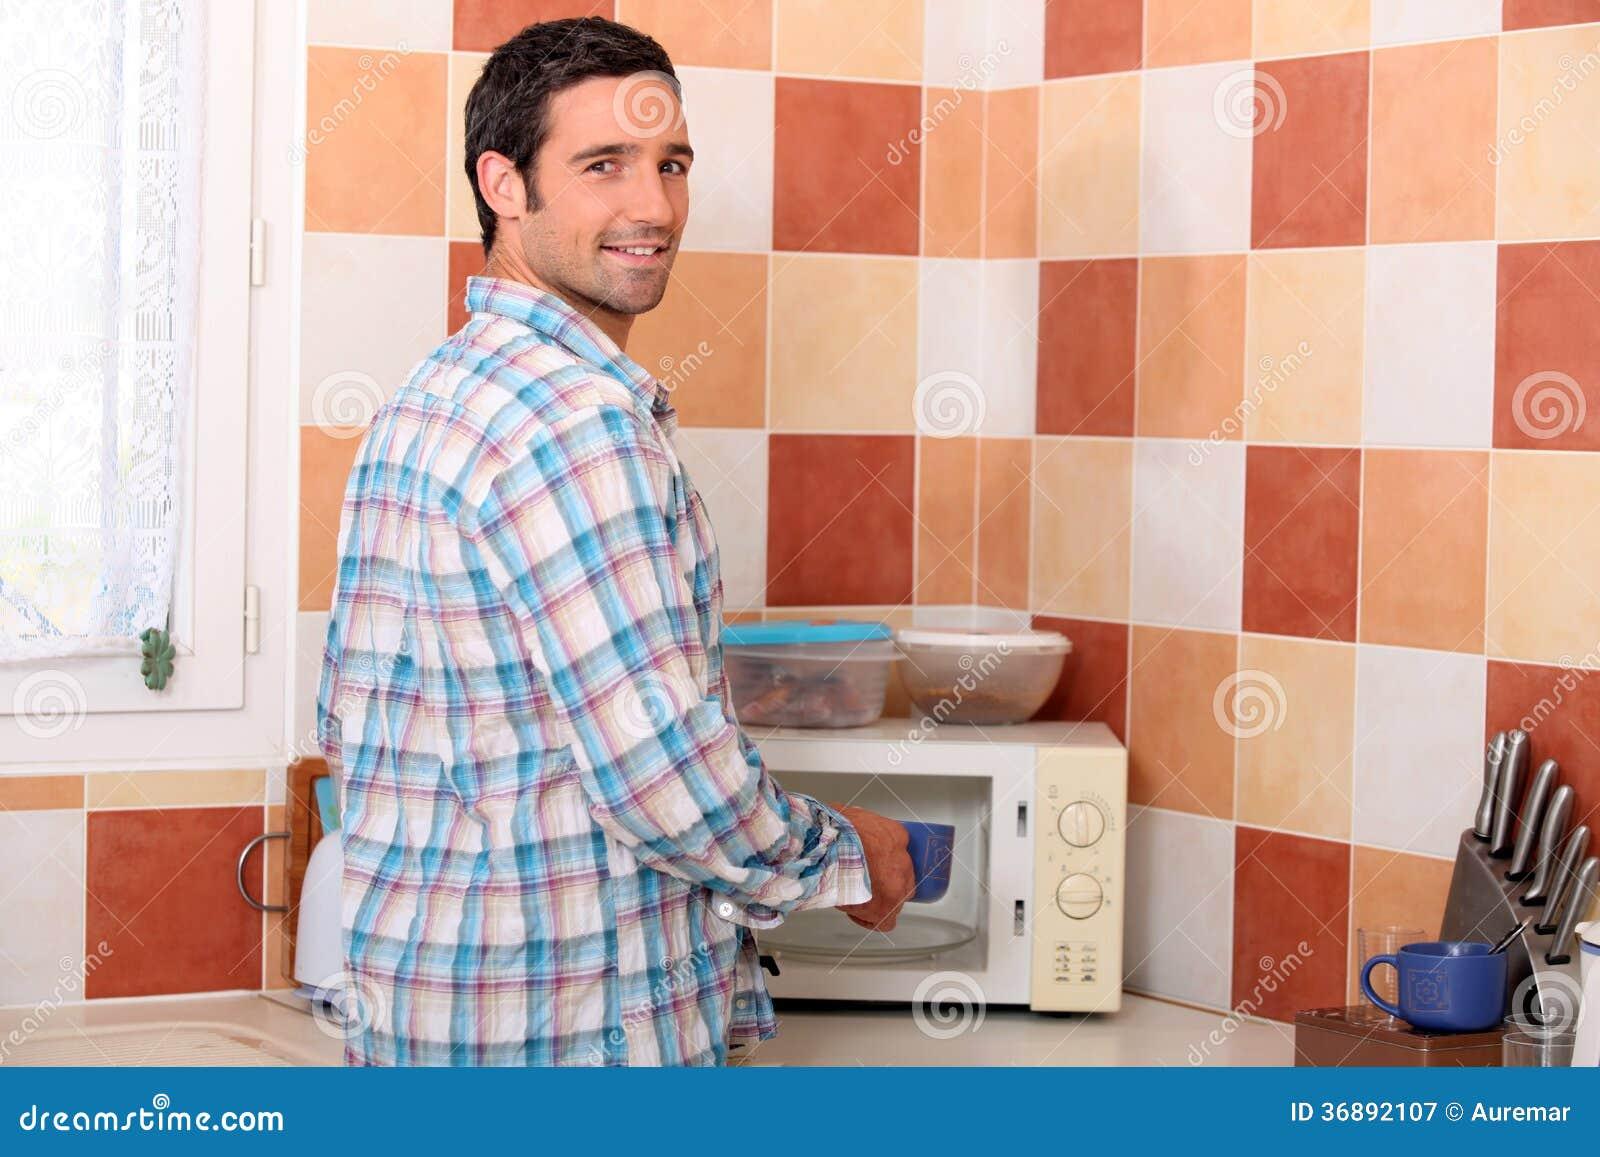 Download Uomo Che Mette Tazza Nella Microonda Immagine Stock - Immagine di casa, microonda: 36892107